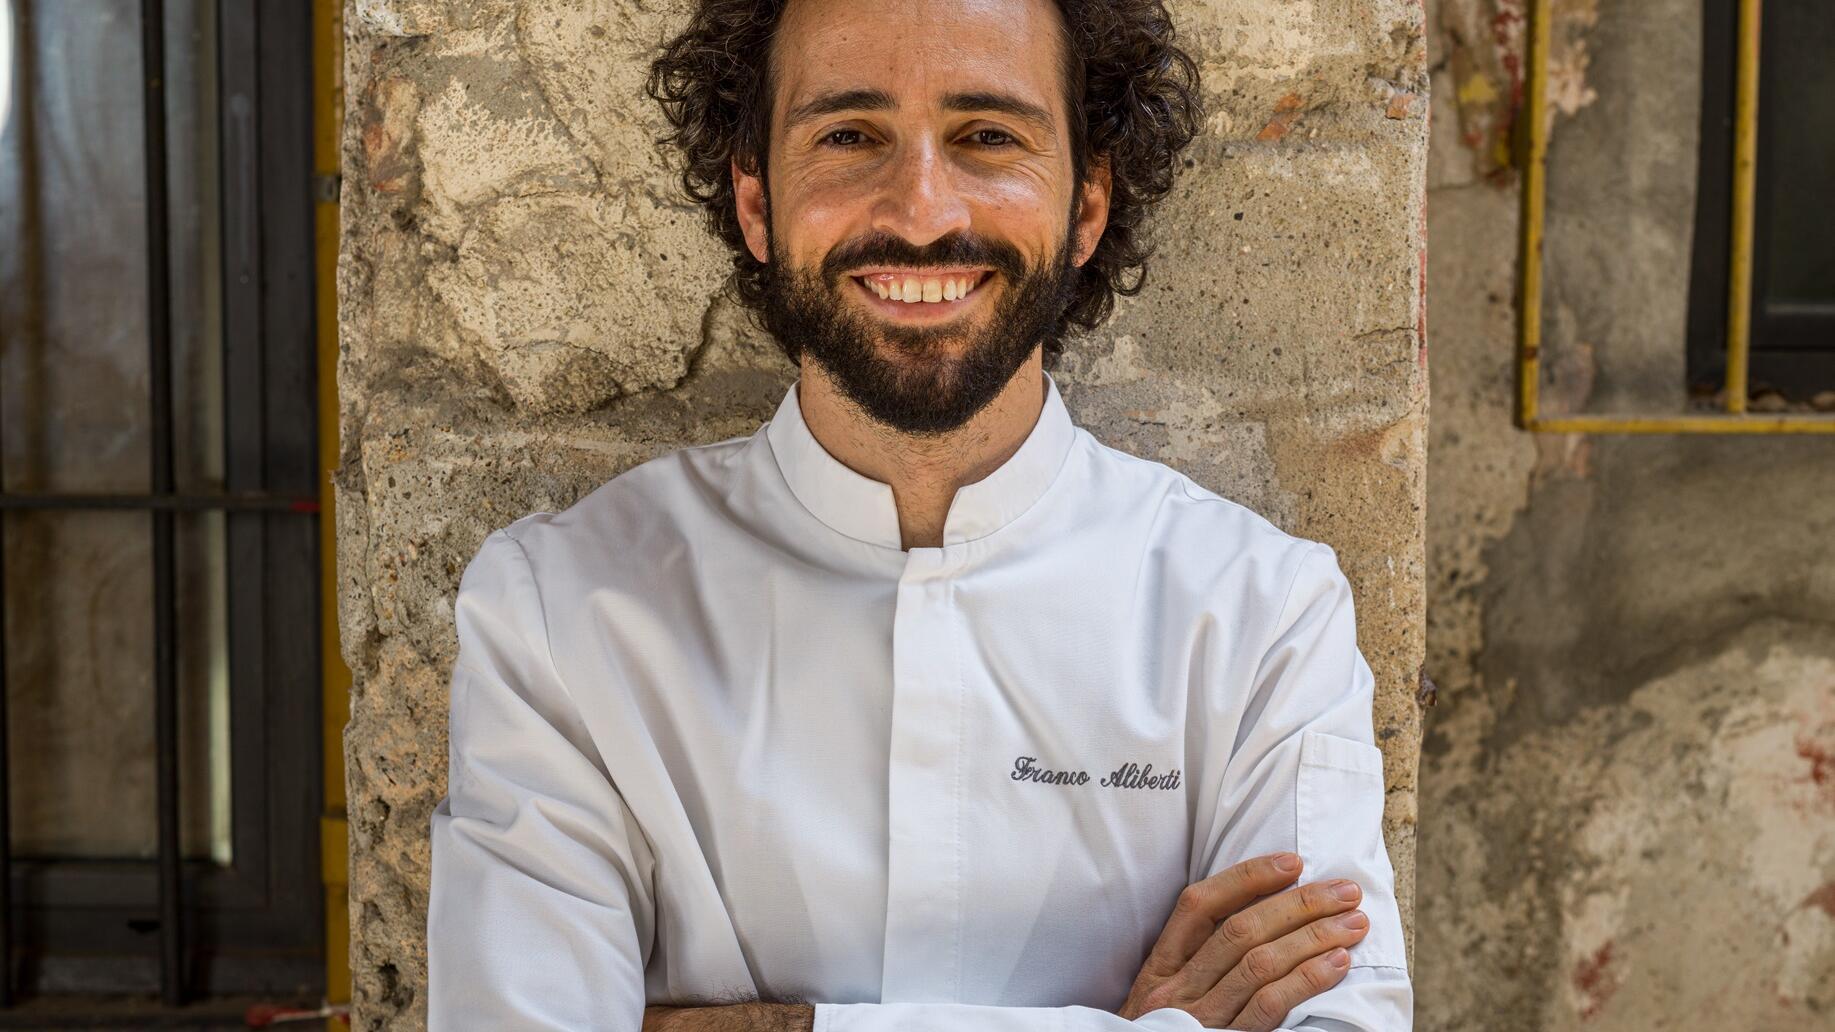 Milano Verticale chef Franco Aliberti